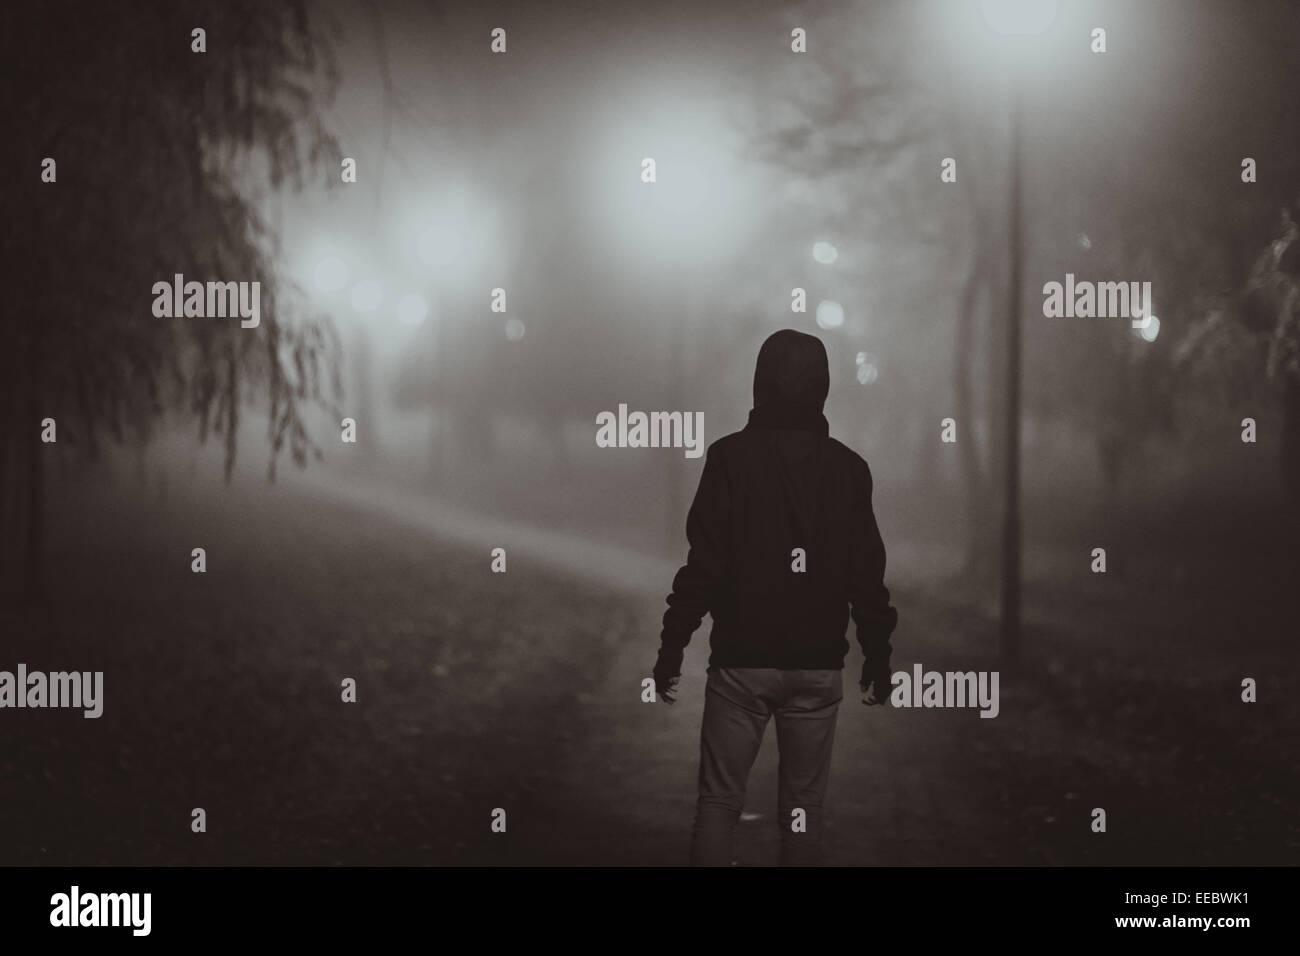 Horror scene of a autumn fog. LIGHTING FILM NOIR STYLE & Horror scene of a autumn fog. LIGHTING FILM NOIR STYLE Stock Photo ...